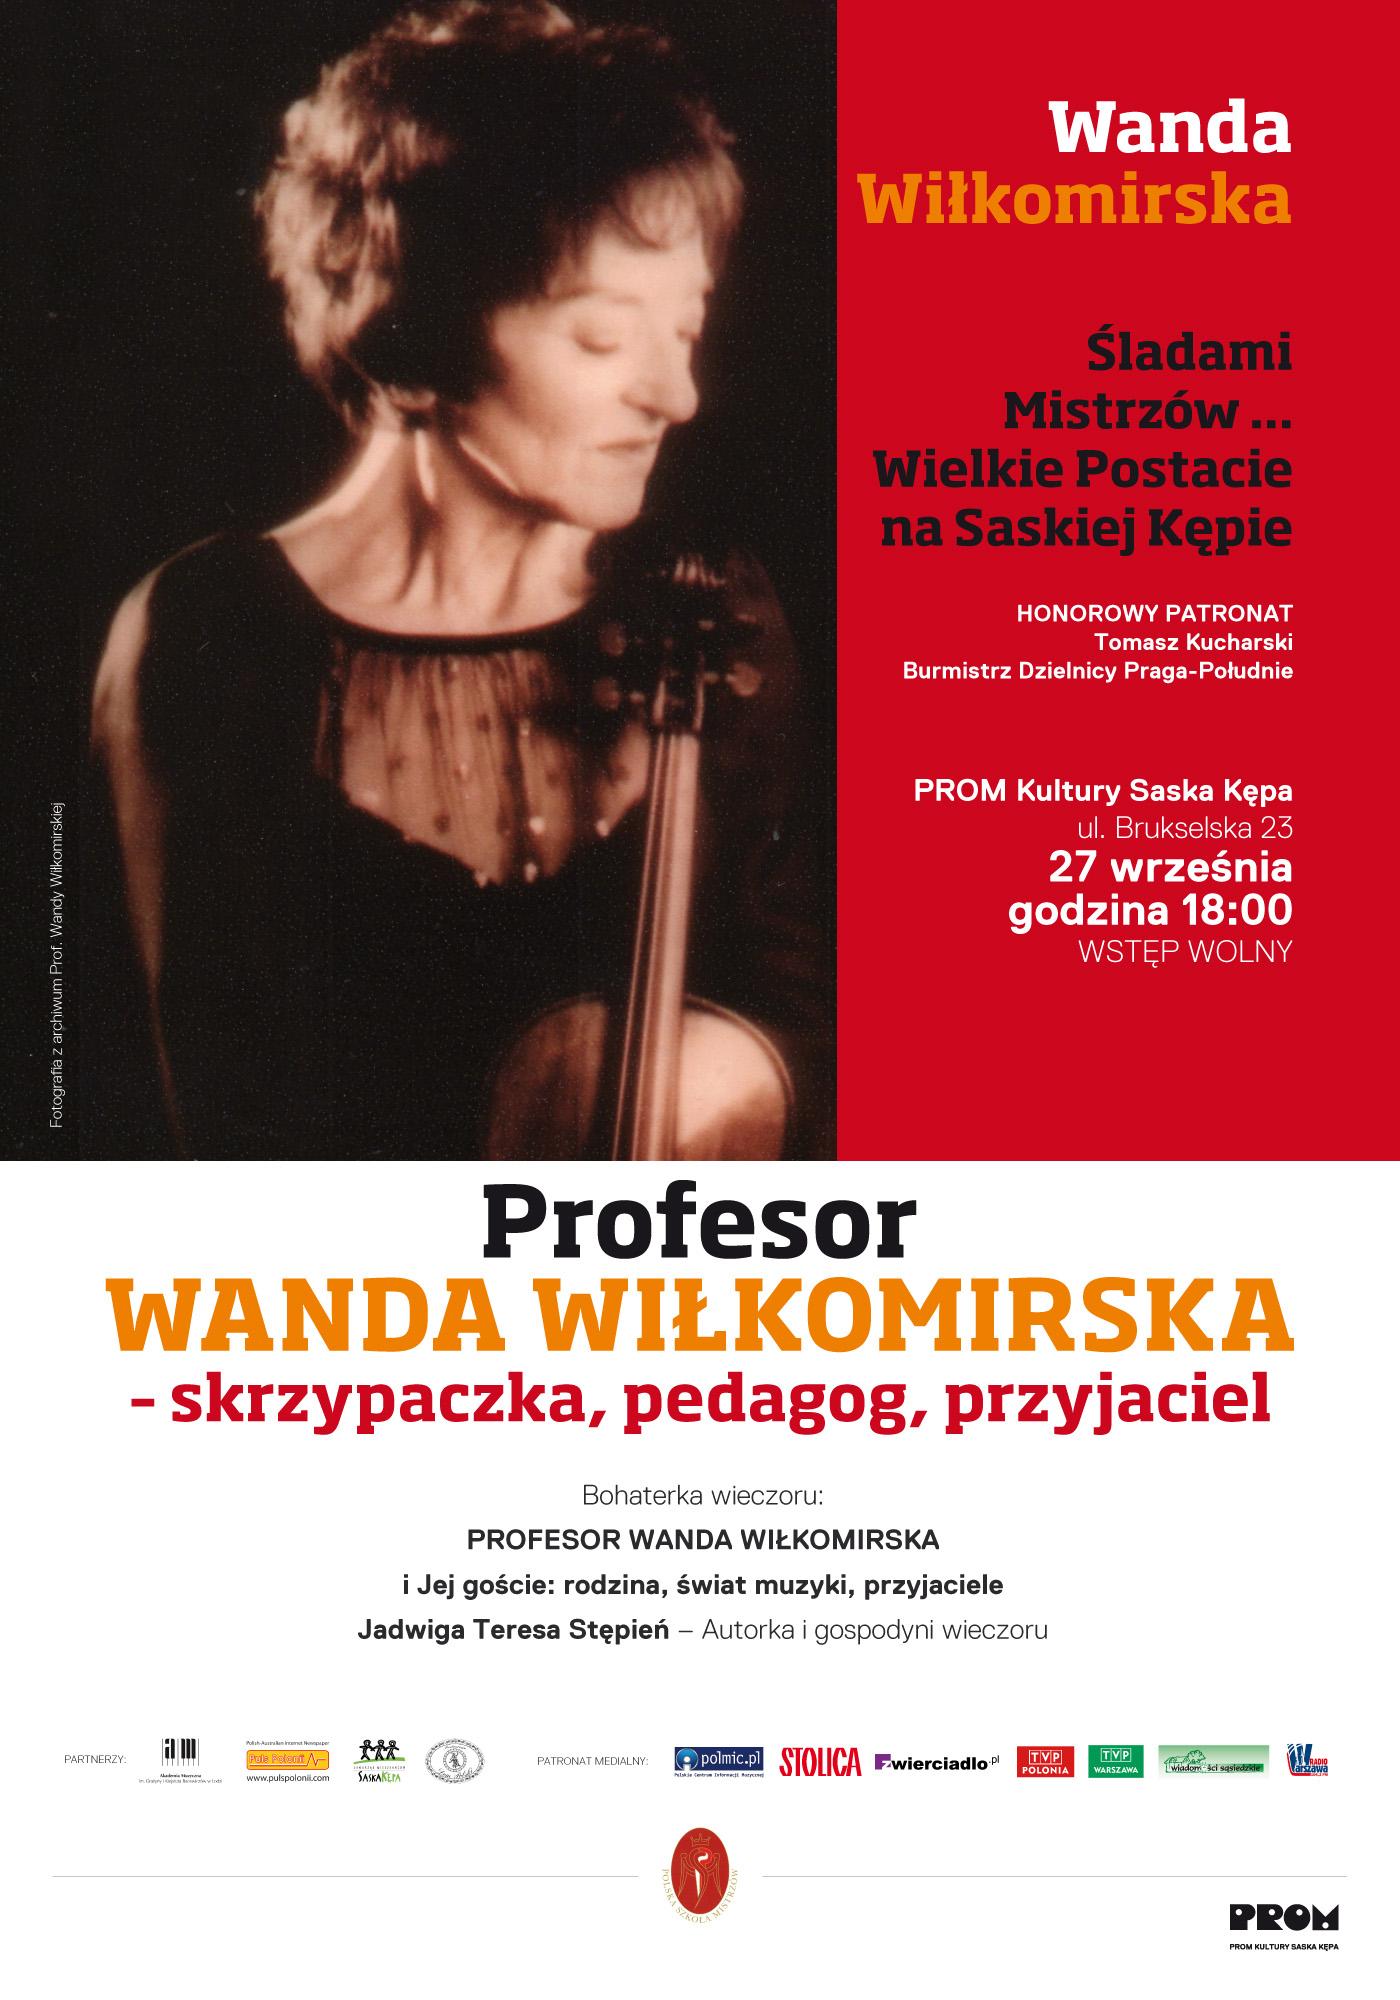 Prof. Wanda Wiłkomirska - skrzypaczka, pedagog, przyjaciel.ZAPROSZENIE